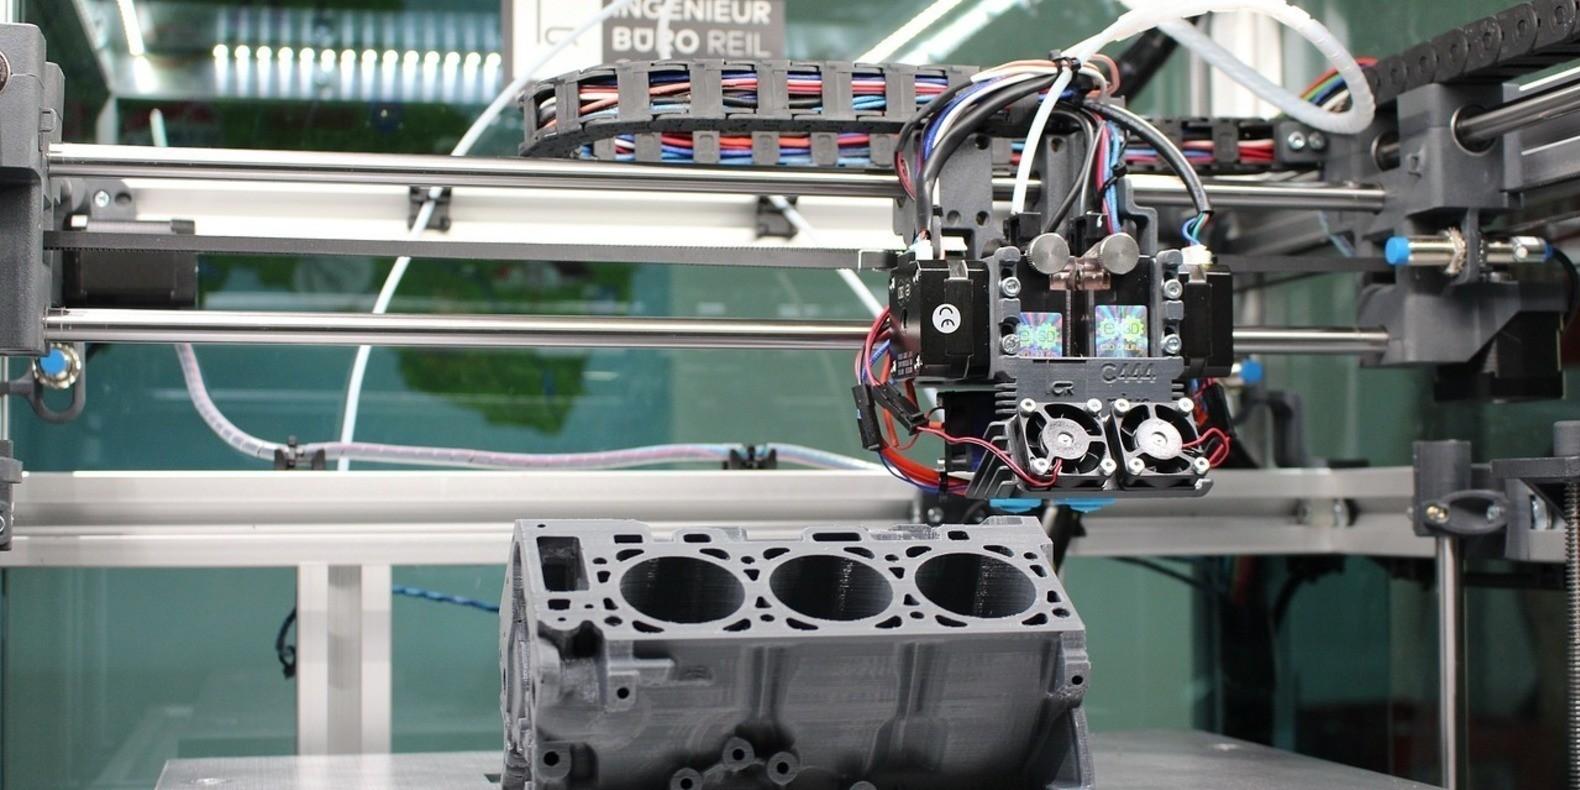 Impresión en 3D definición. ¿Qué es la impresión en 3D?